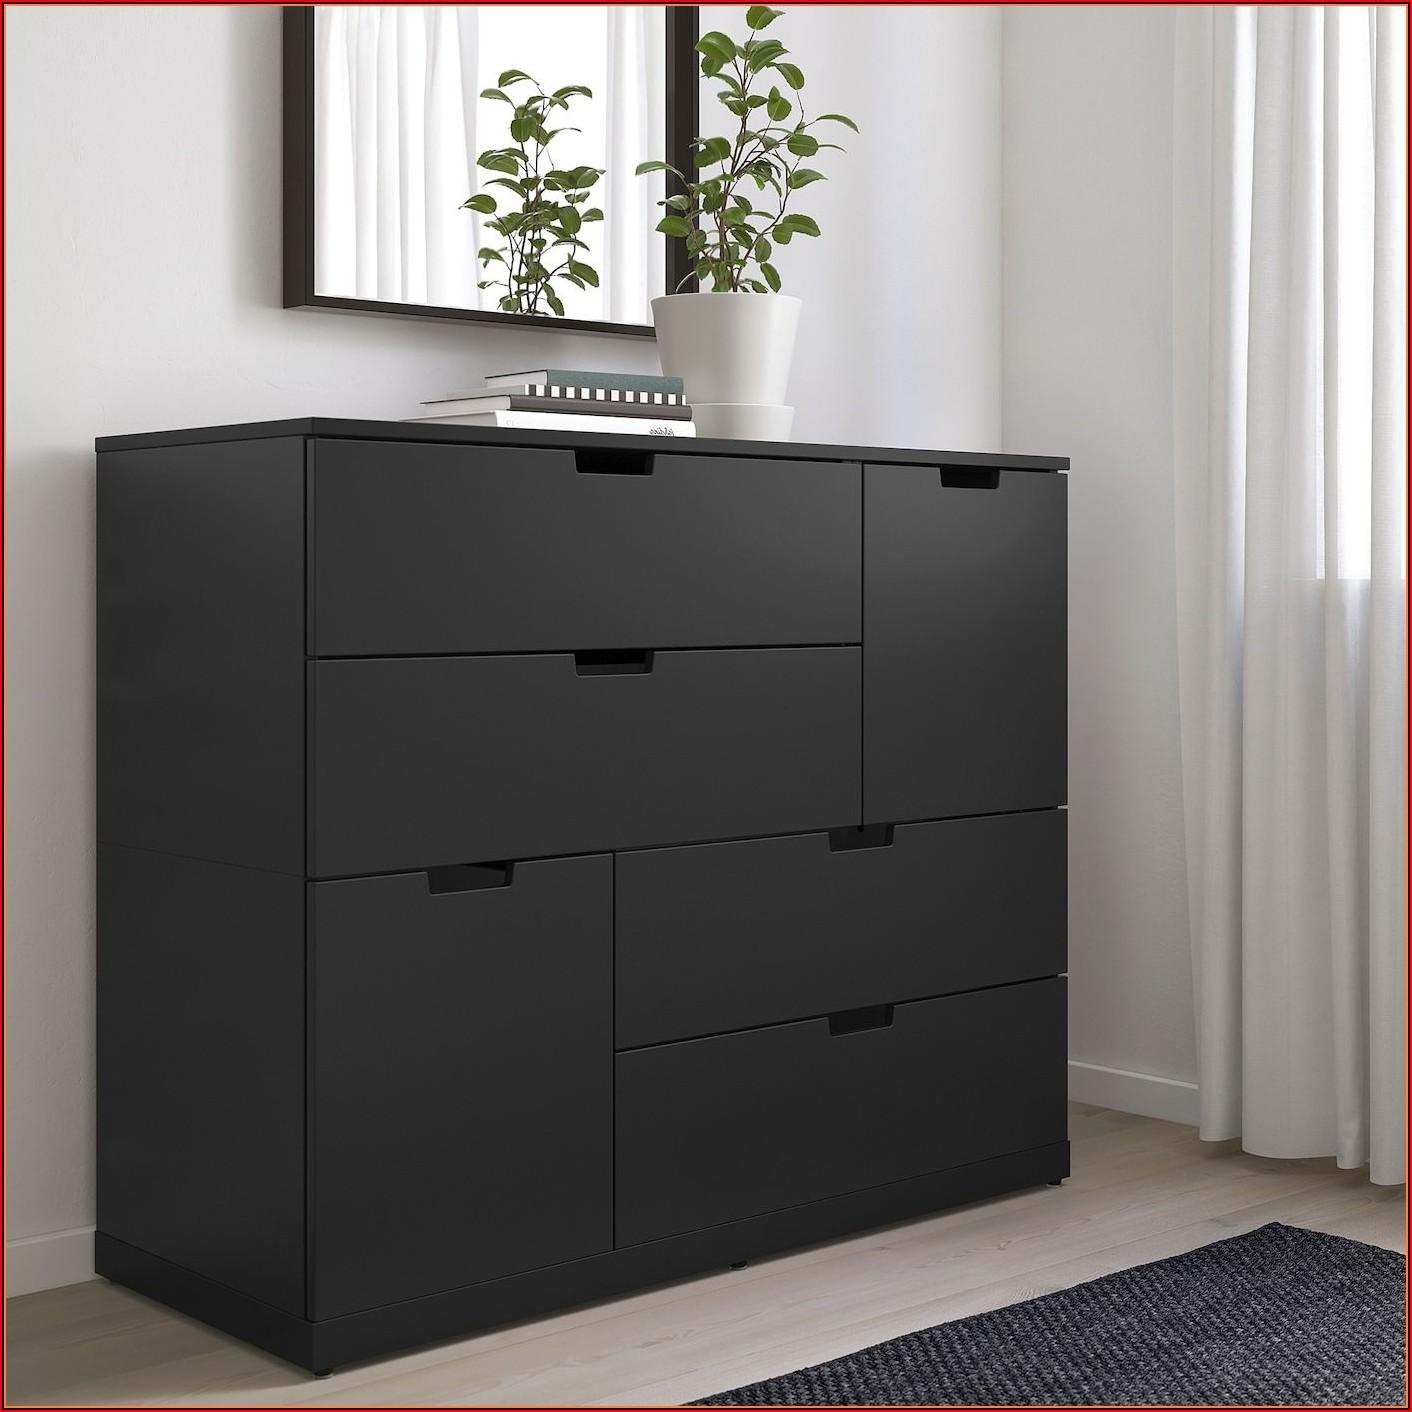 Ikea Schlafzimmer Kommode Nordli